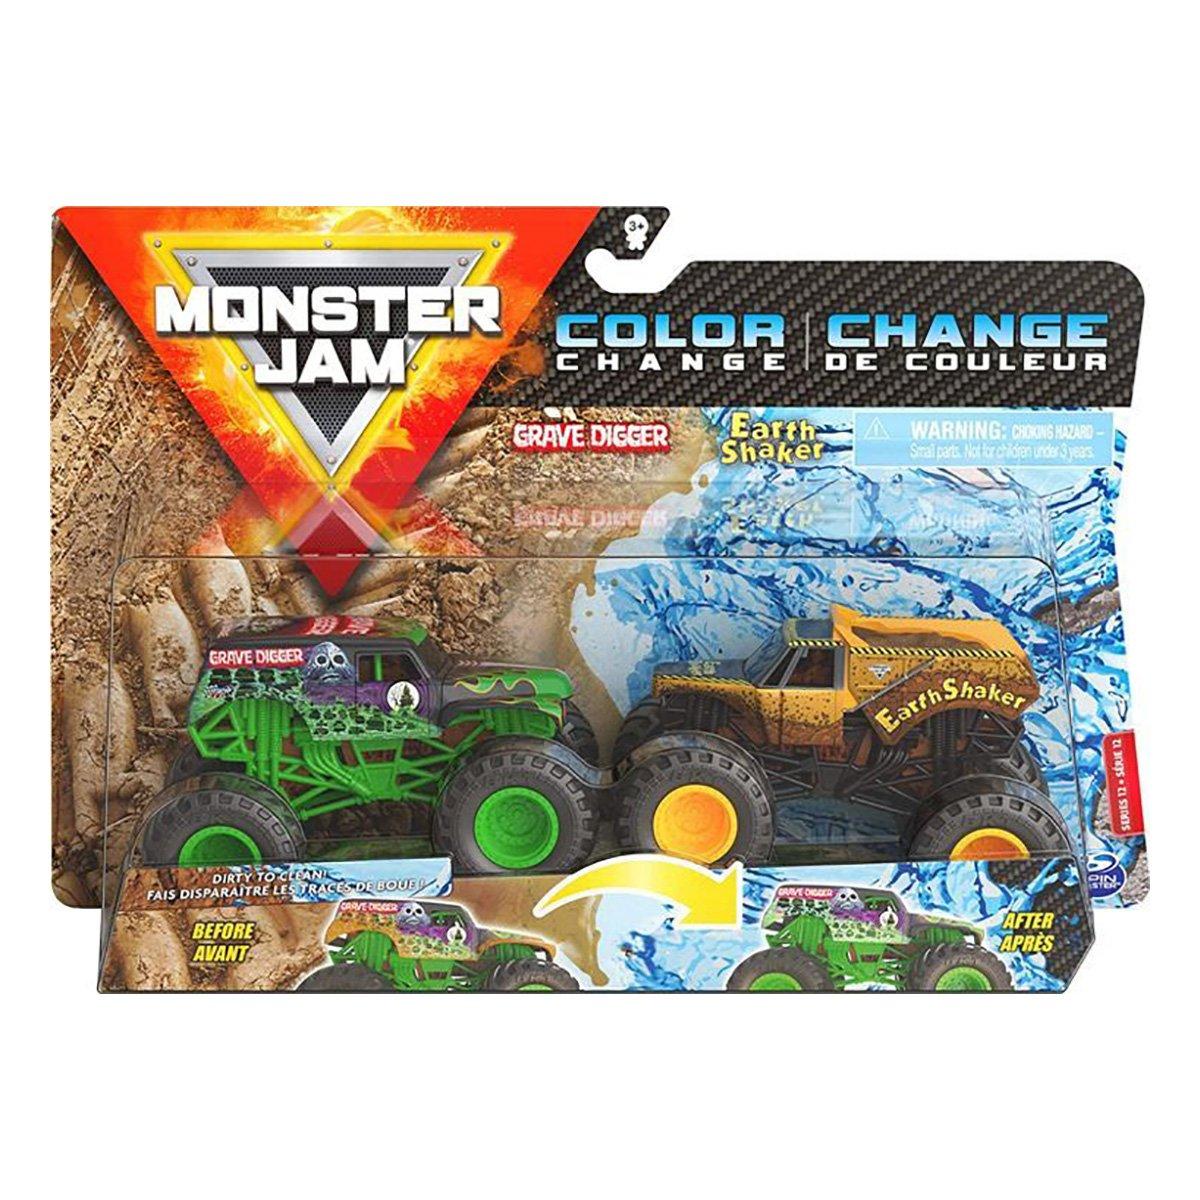 Set 2 masinute Monster Jam, Color Change, Grave Digger si Earth Shaker, 20128654, 1:64